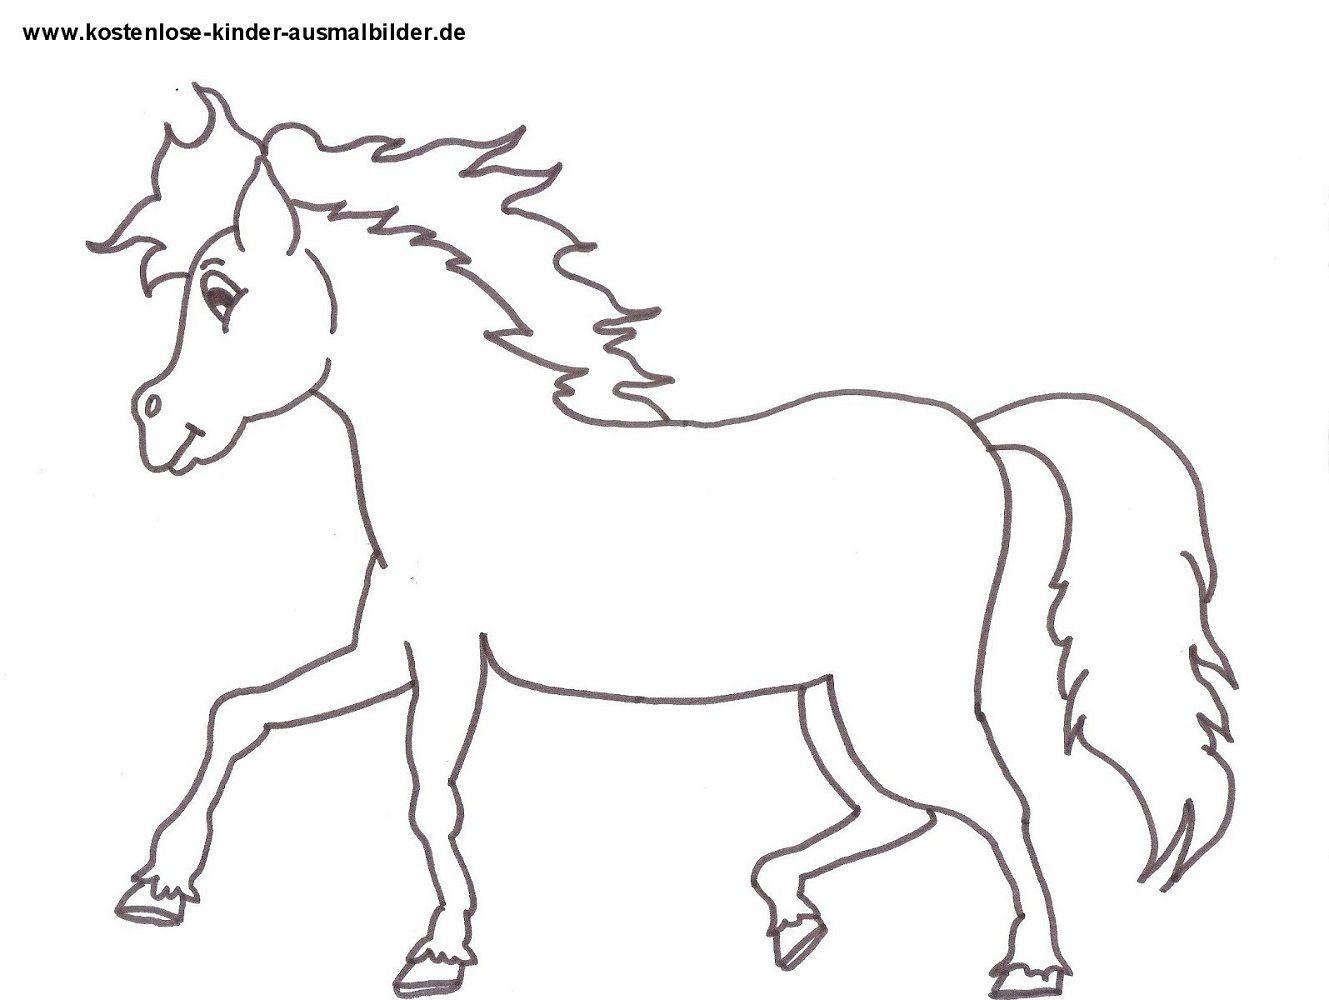 pferde ausmalbilder kostenlos 07   Malvorlagen pferde ...